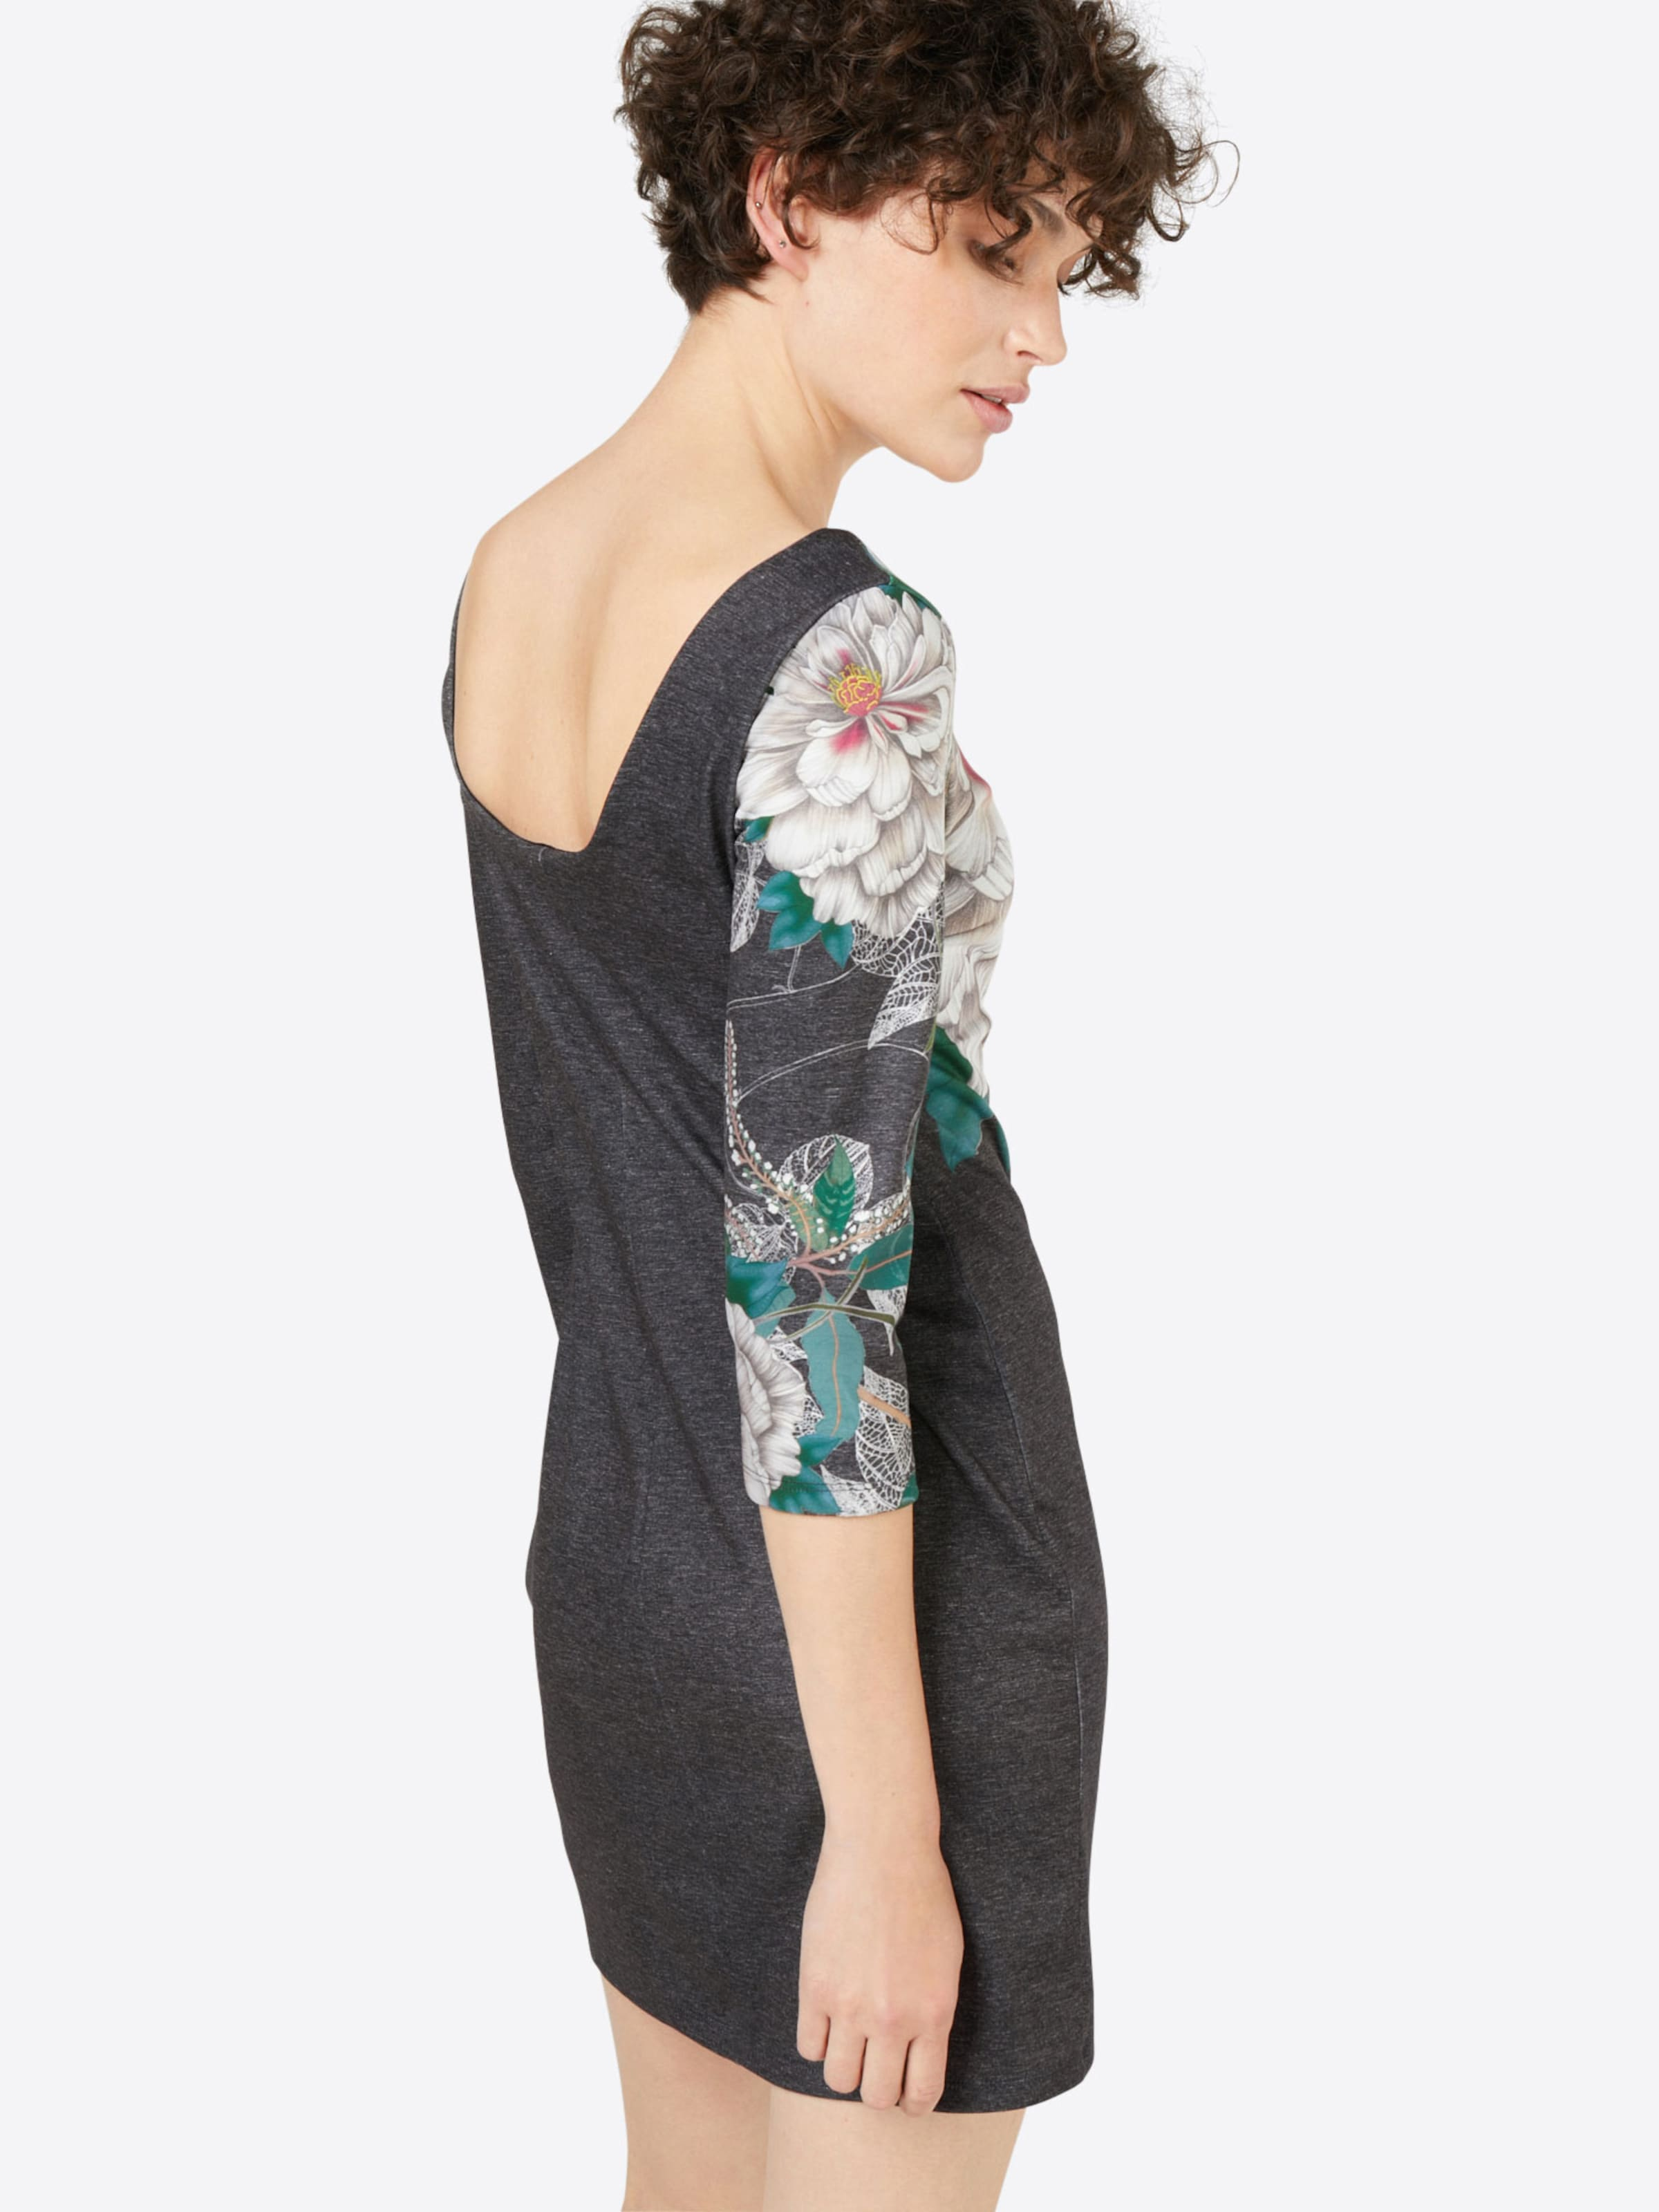 Desigual Shirtkleid 'PICHI' Rabatt Wiki 2018 Neuester Günstiger Preis Rabatt Original Auslass Manchester Billig Und Schön wwlSyrWk